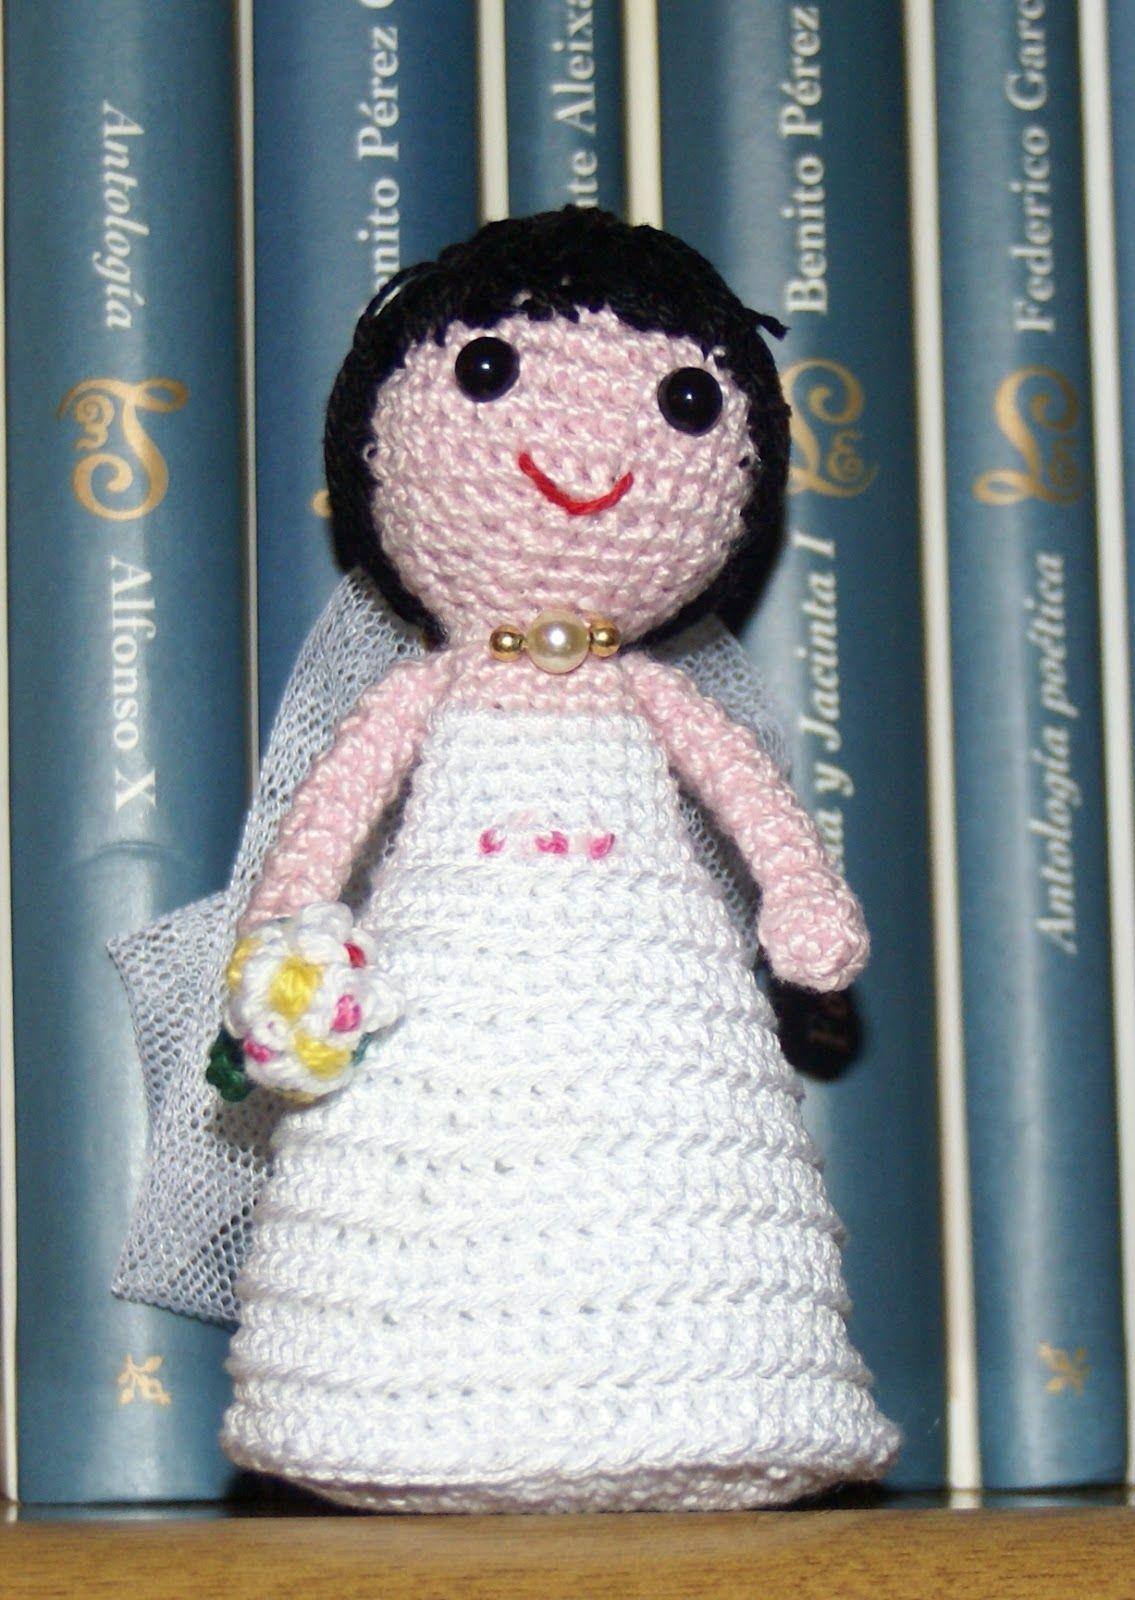 La novia amigurumi - Crochet amigurumi bride pattern   ♥ Amigurumi ...